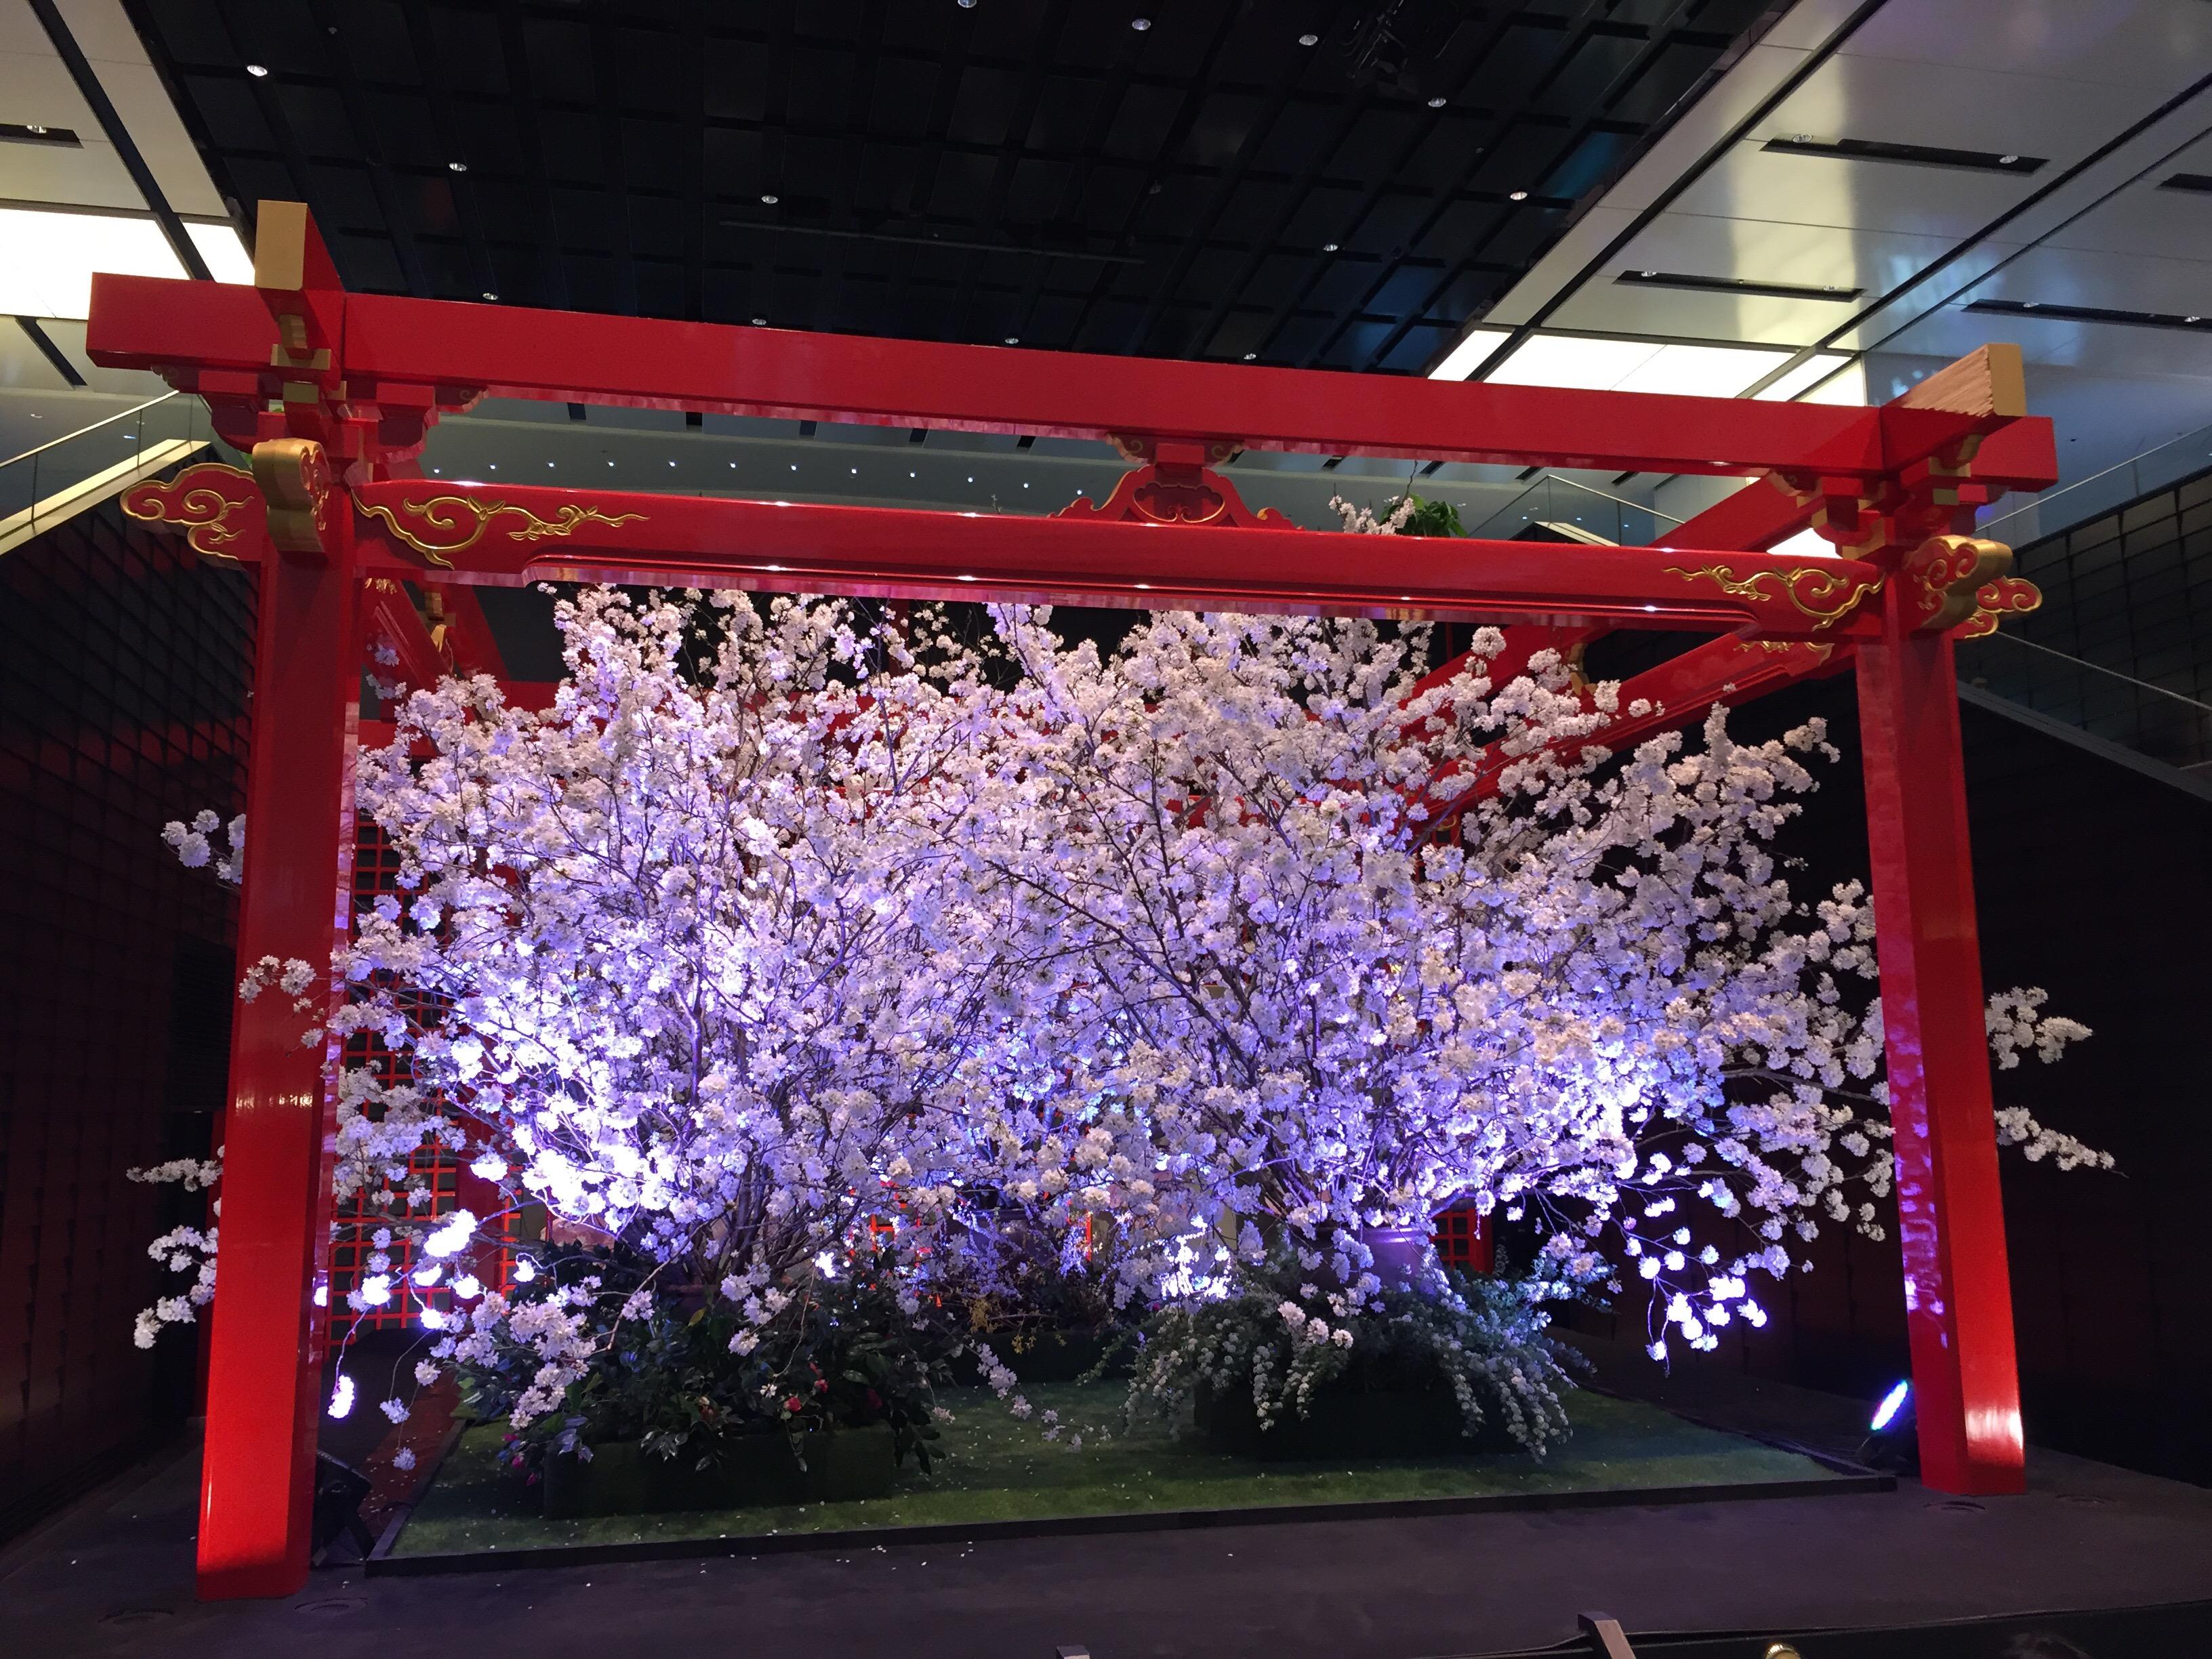 日本ではじめて鉄道が走った区間を歩く旅!ちょっと寄り道、羽田空港国際線ターミナルへ